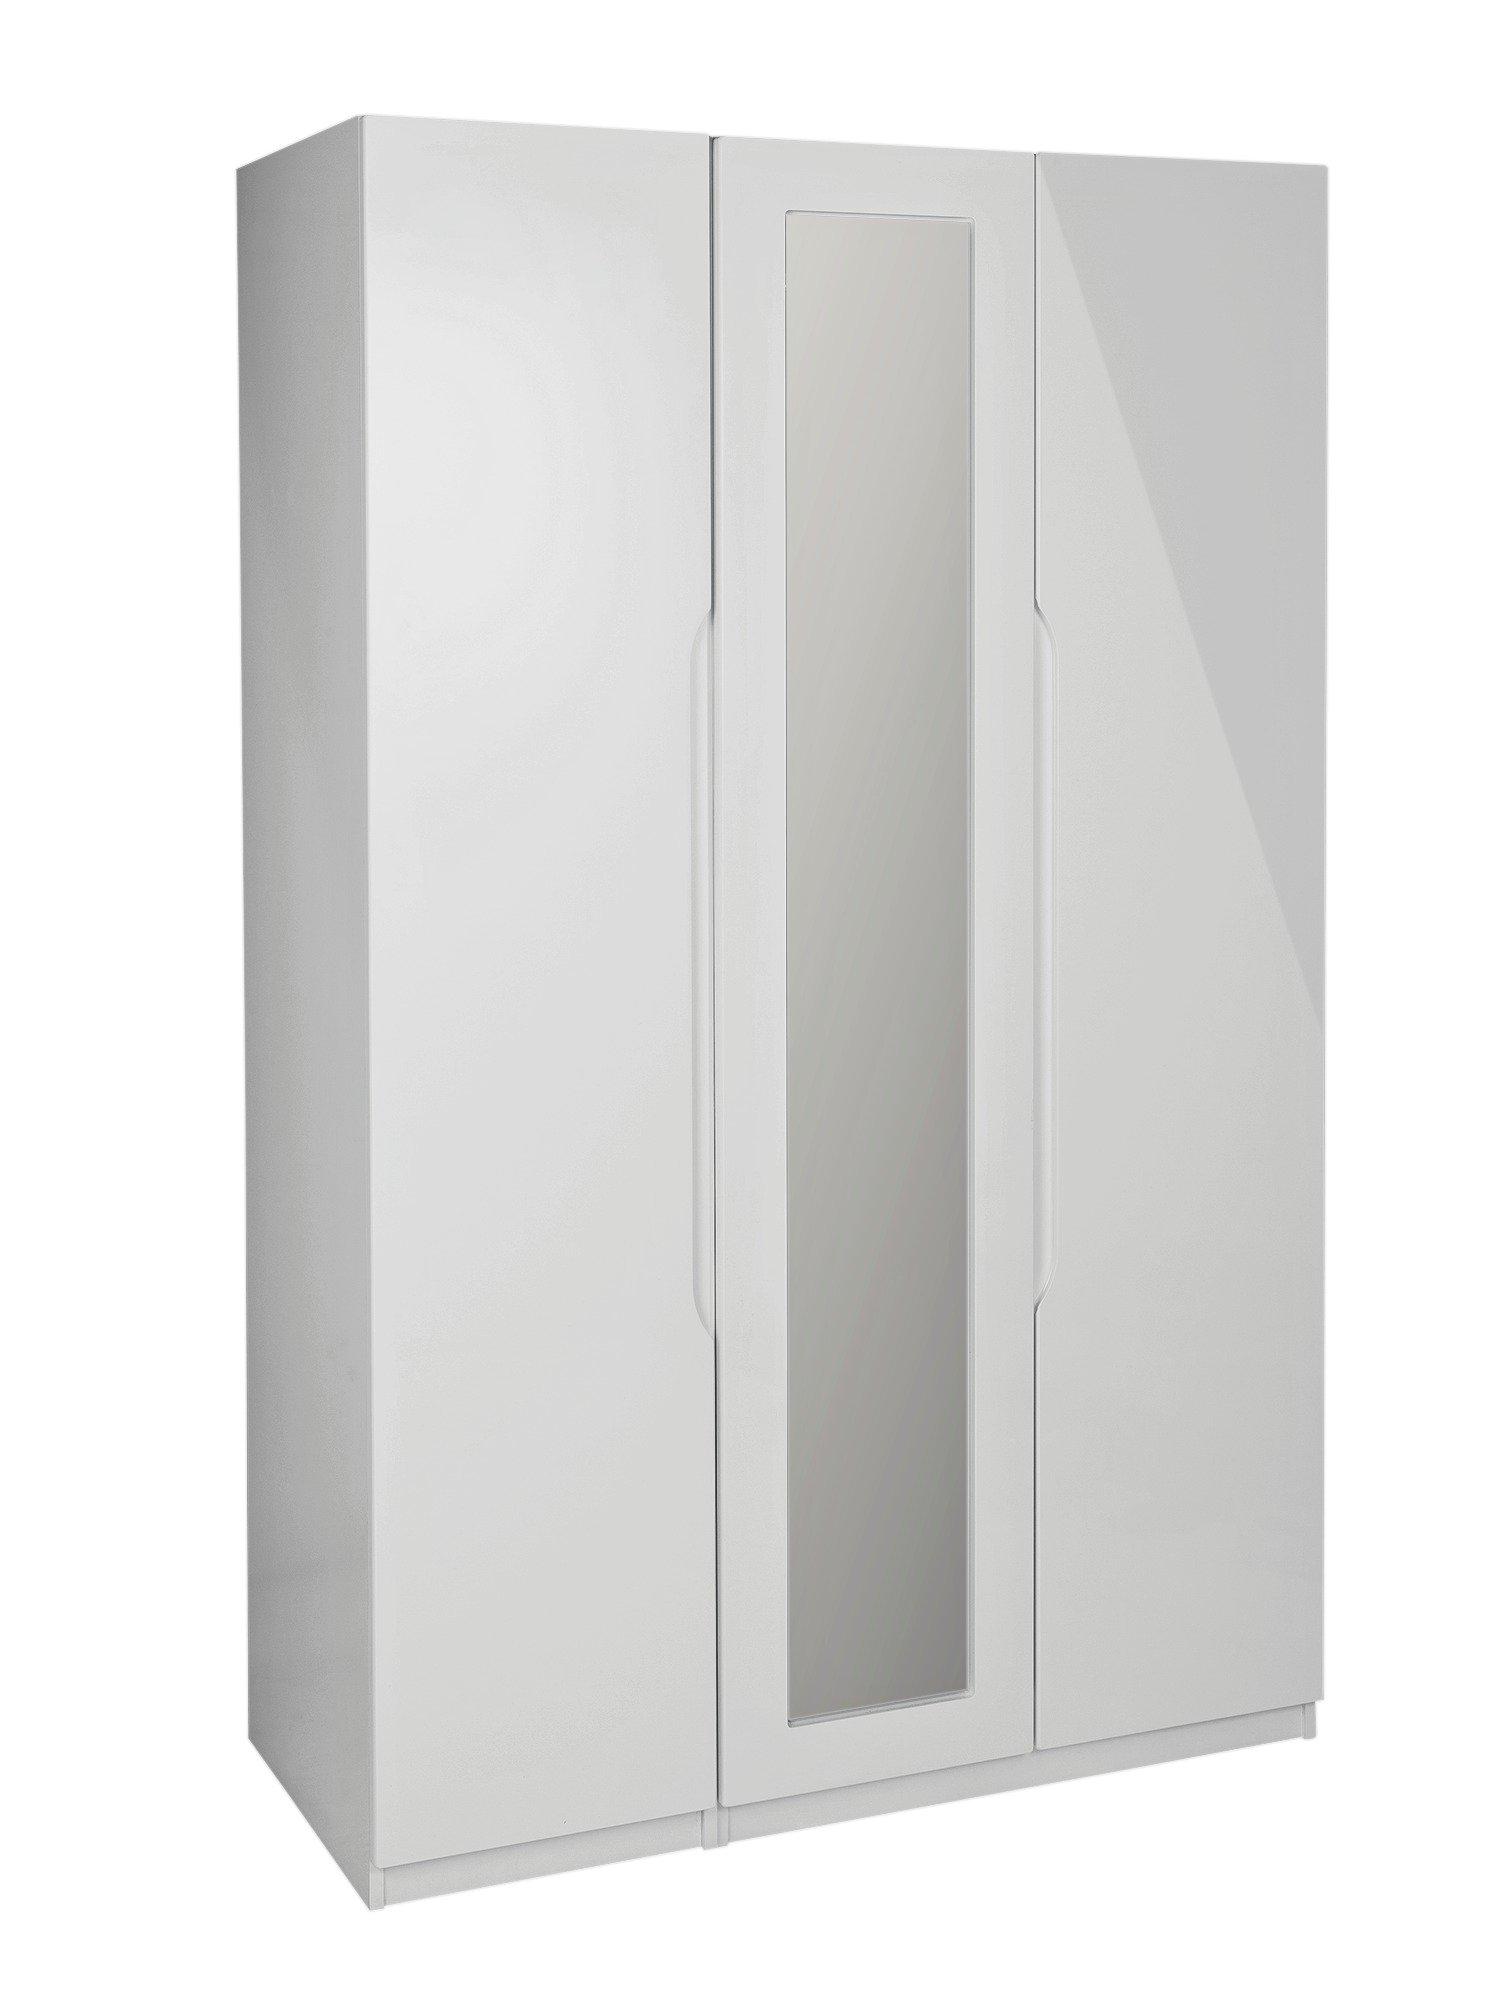 Legato 3 Door Wardrobe